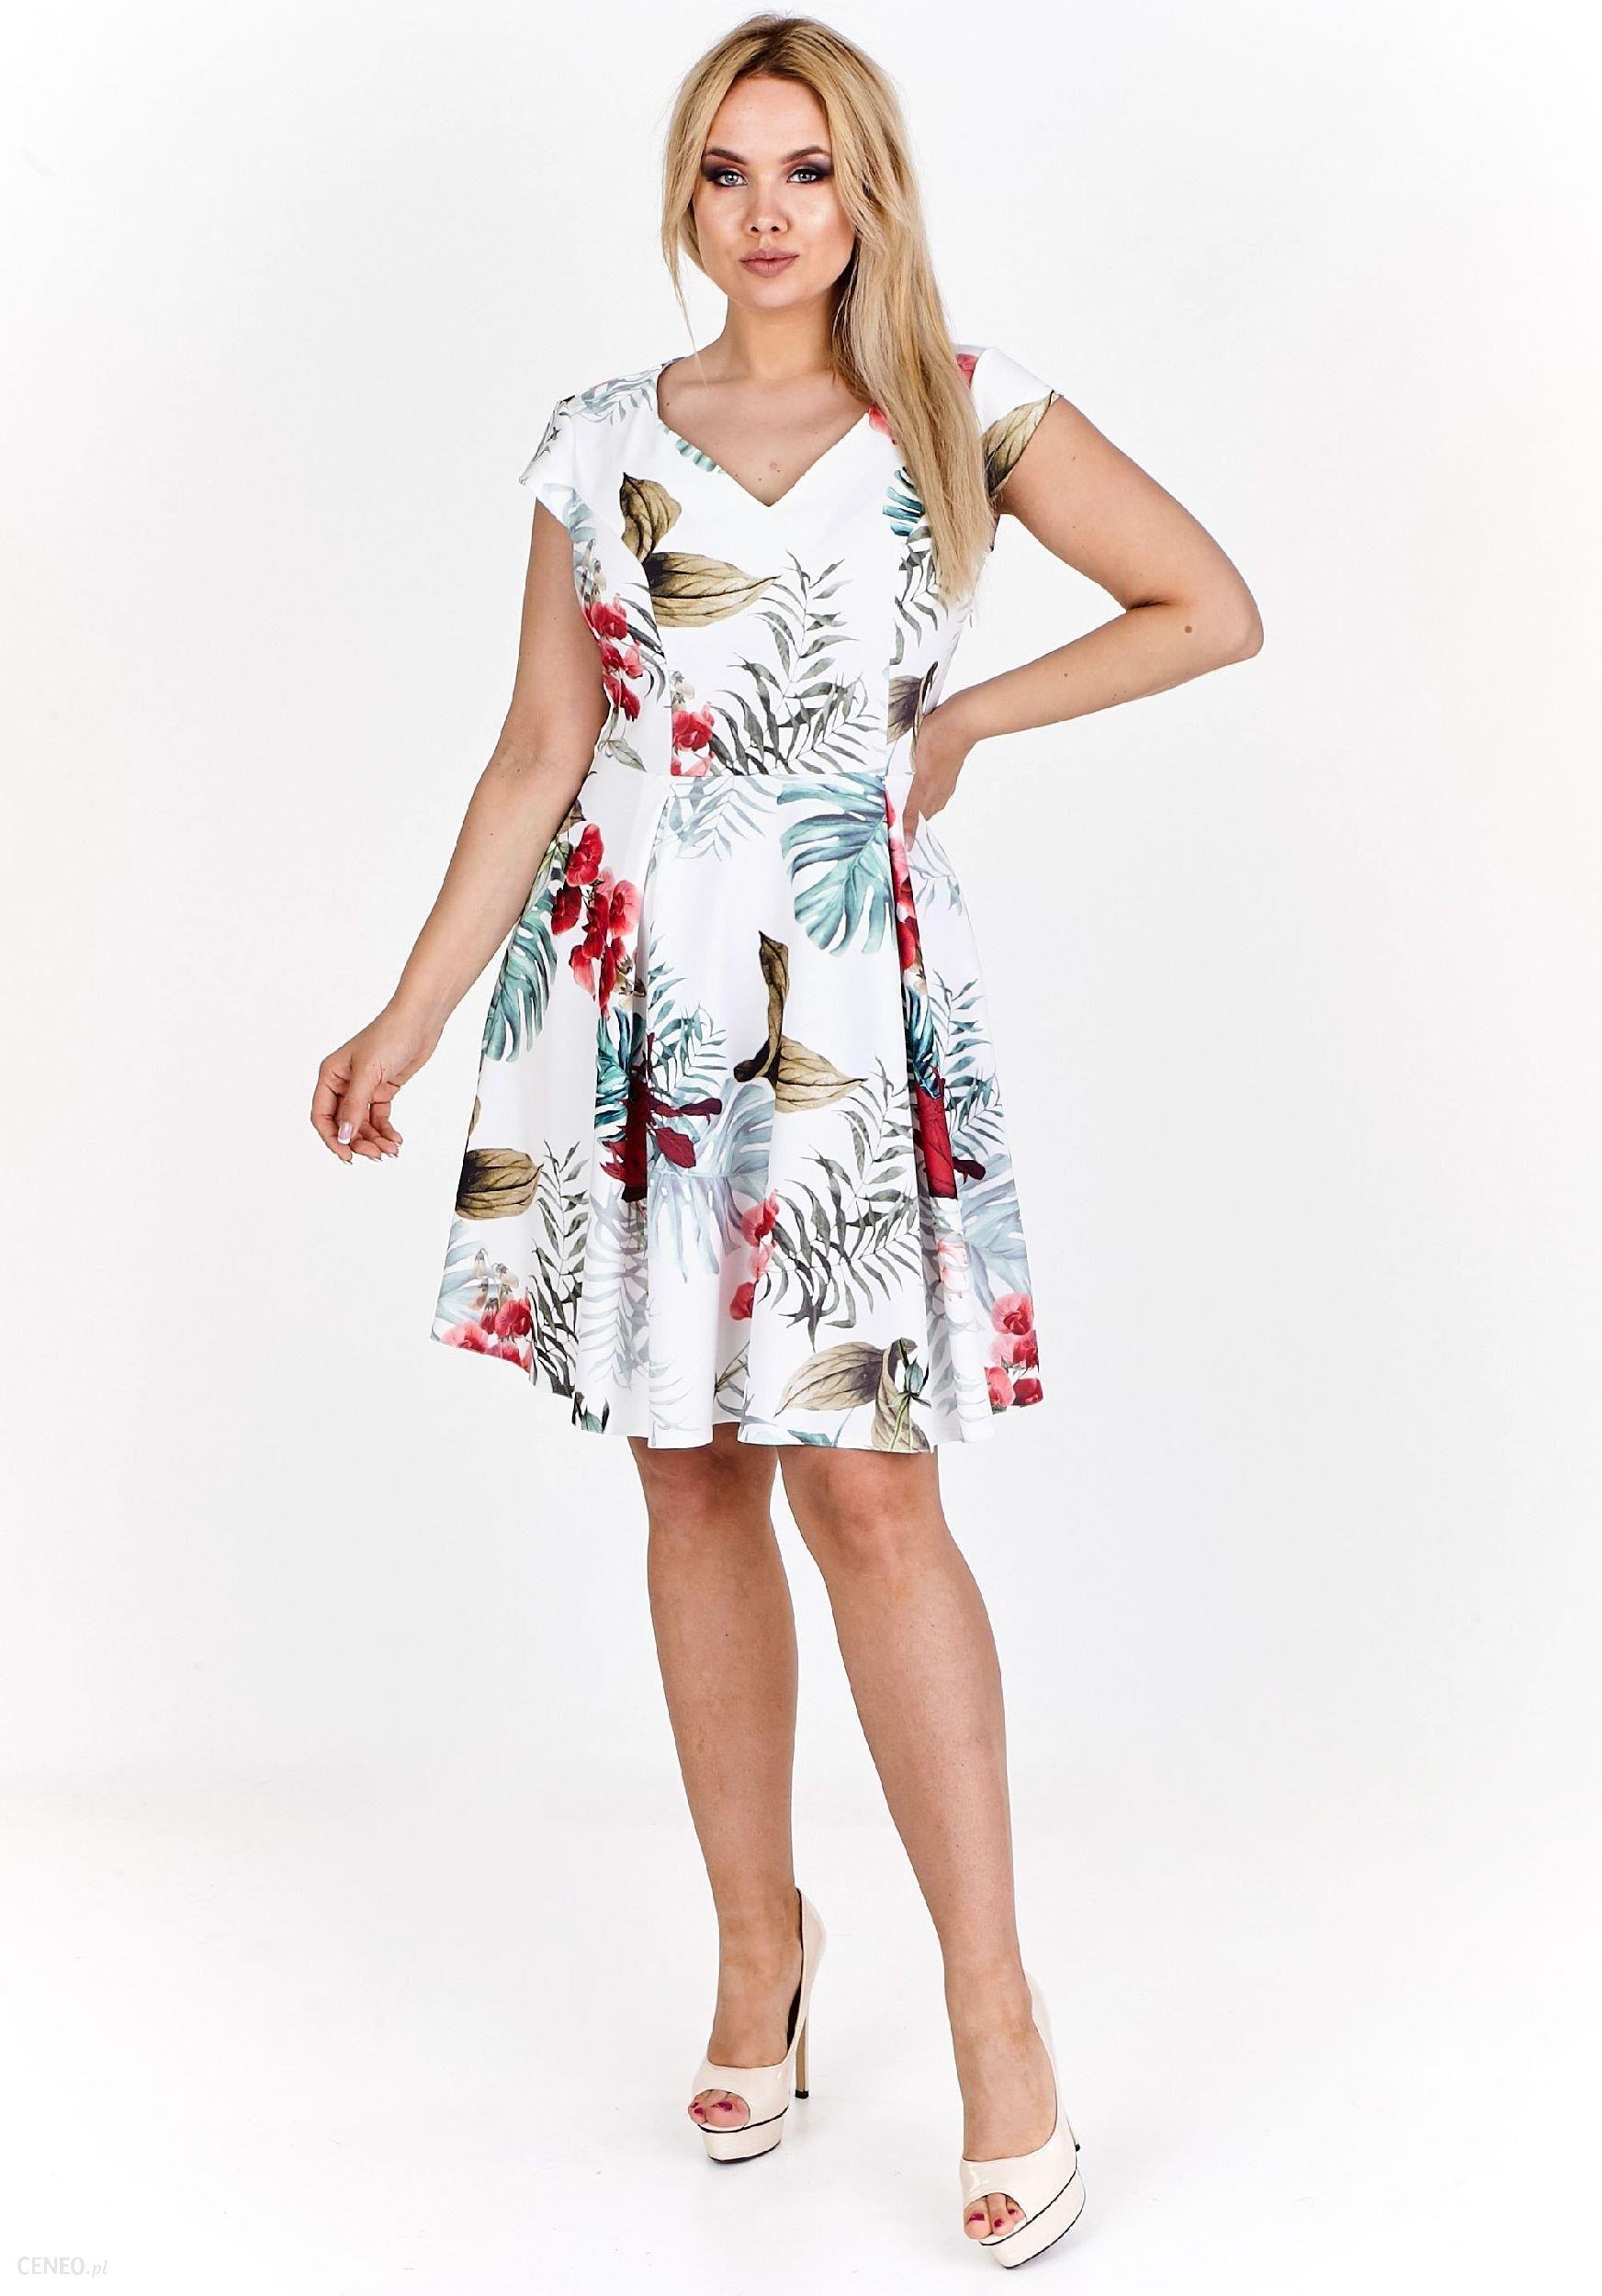 c02b2e0c02 Ptak Moda Rozkloszowana sukienka koktajlowa M56764 biała r. 44 - zdjęcie 1